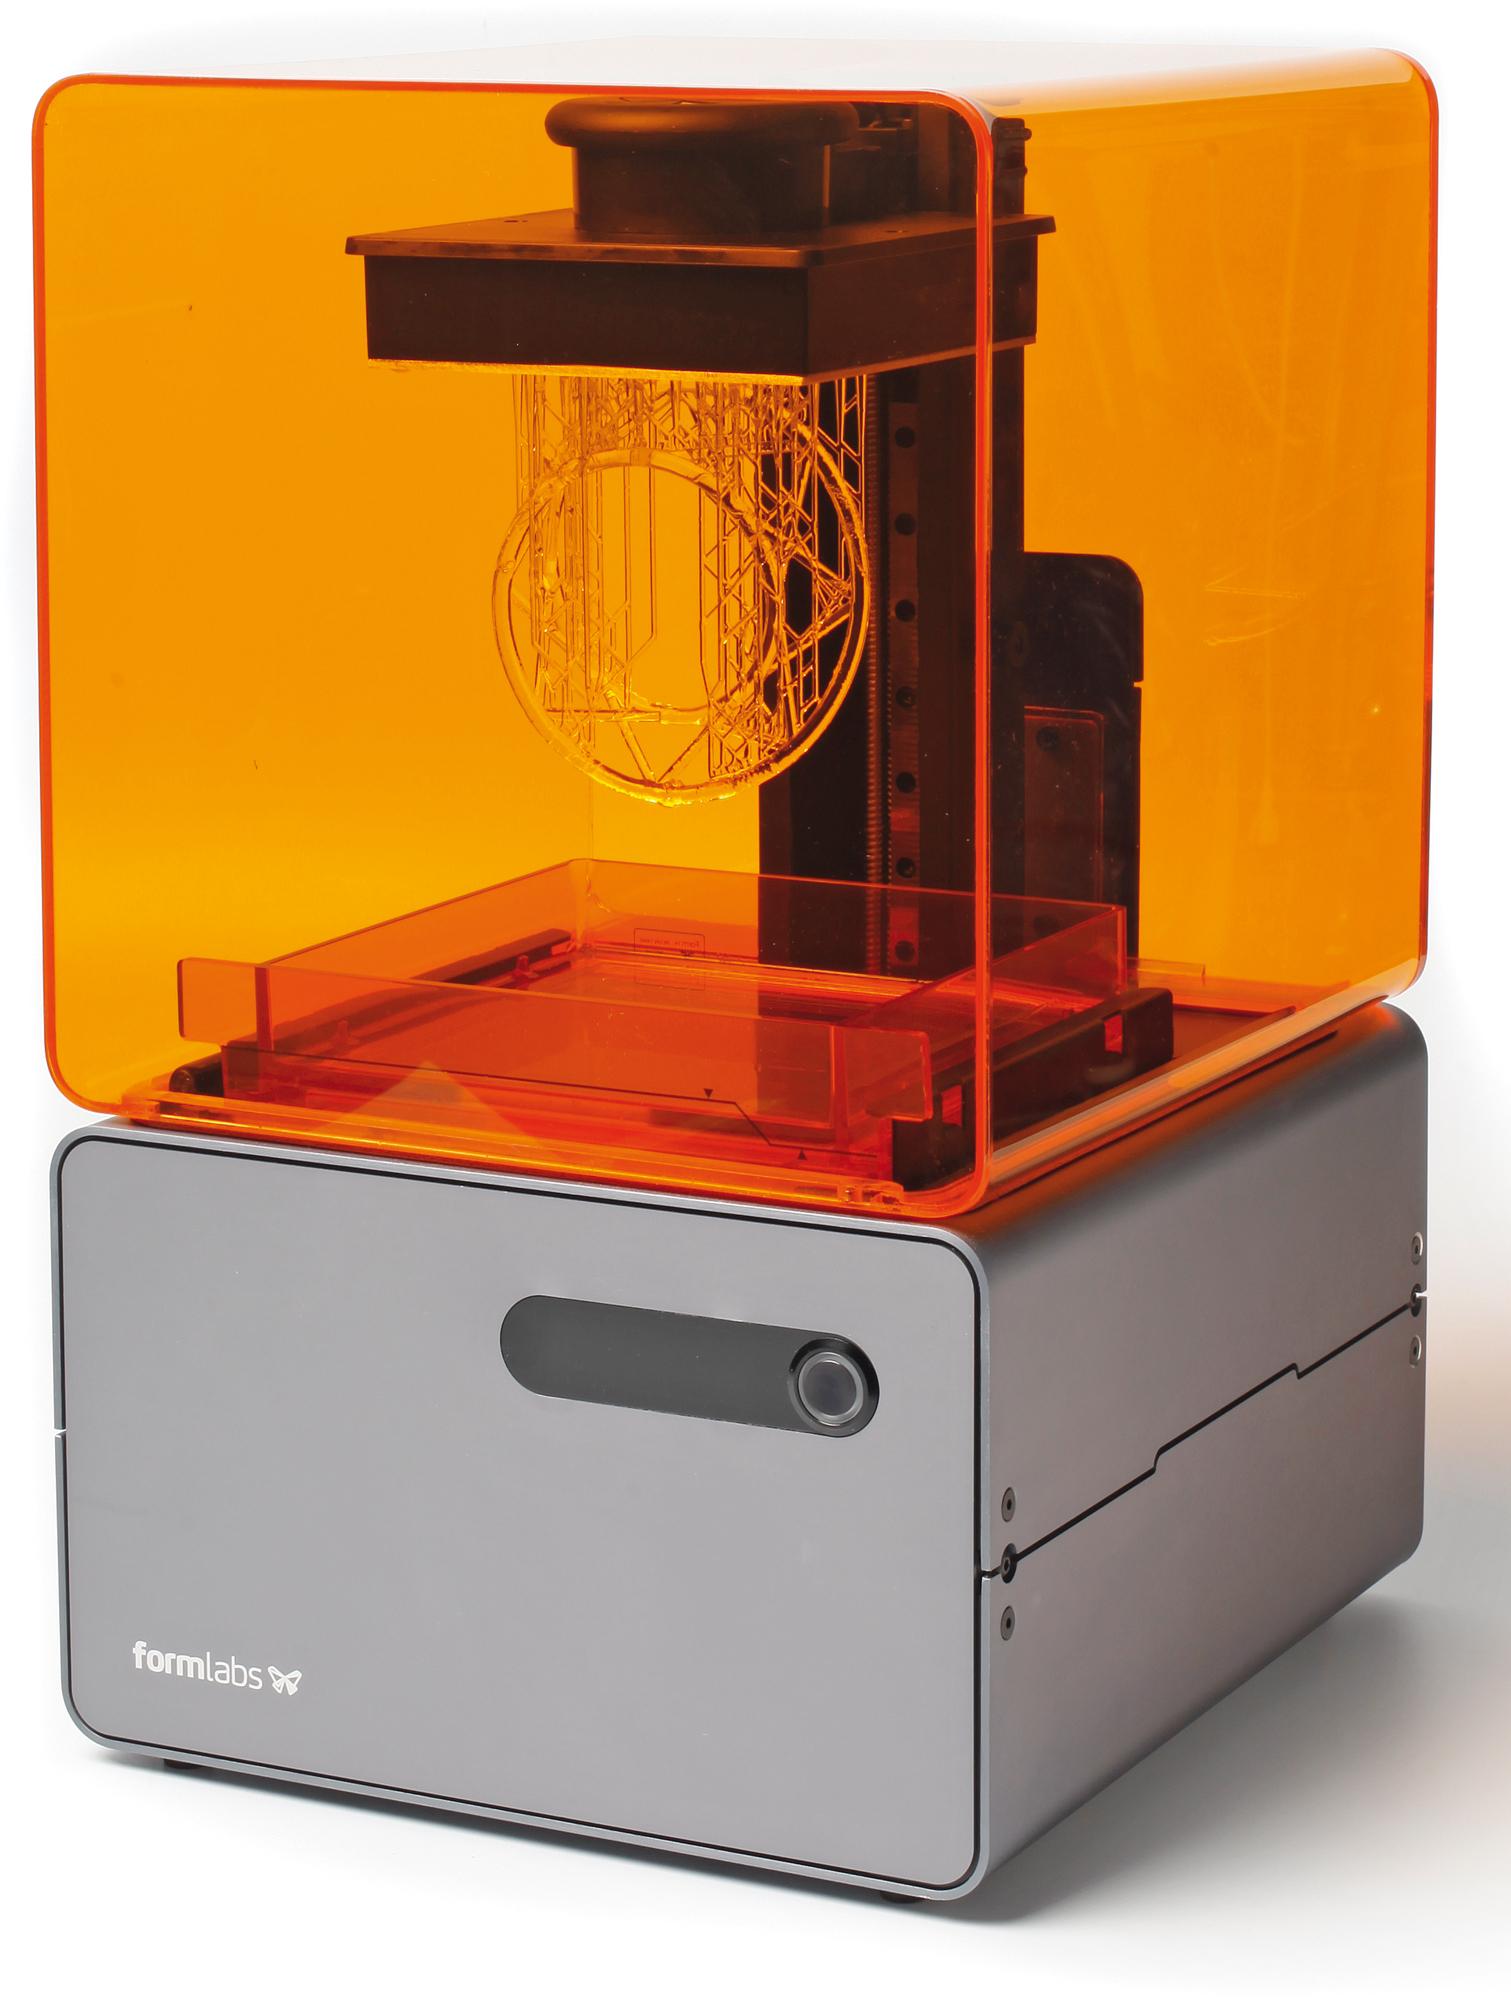 3d druck per stereolithographie make. Black Bedroom Furniture Sets. Home Design Ideas